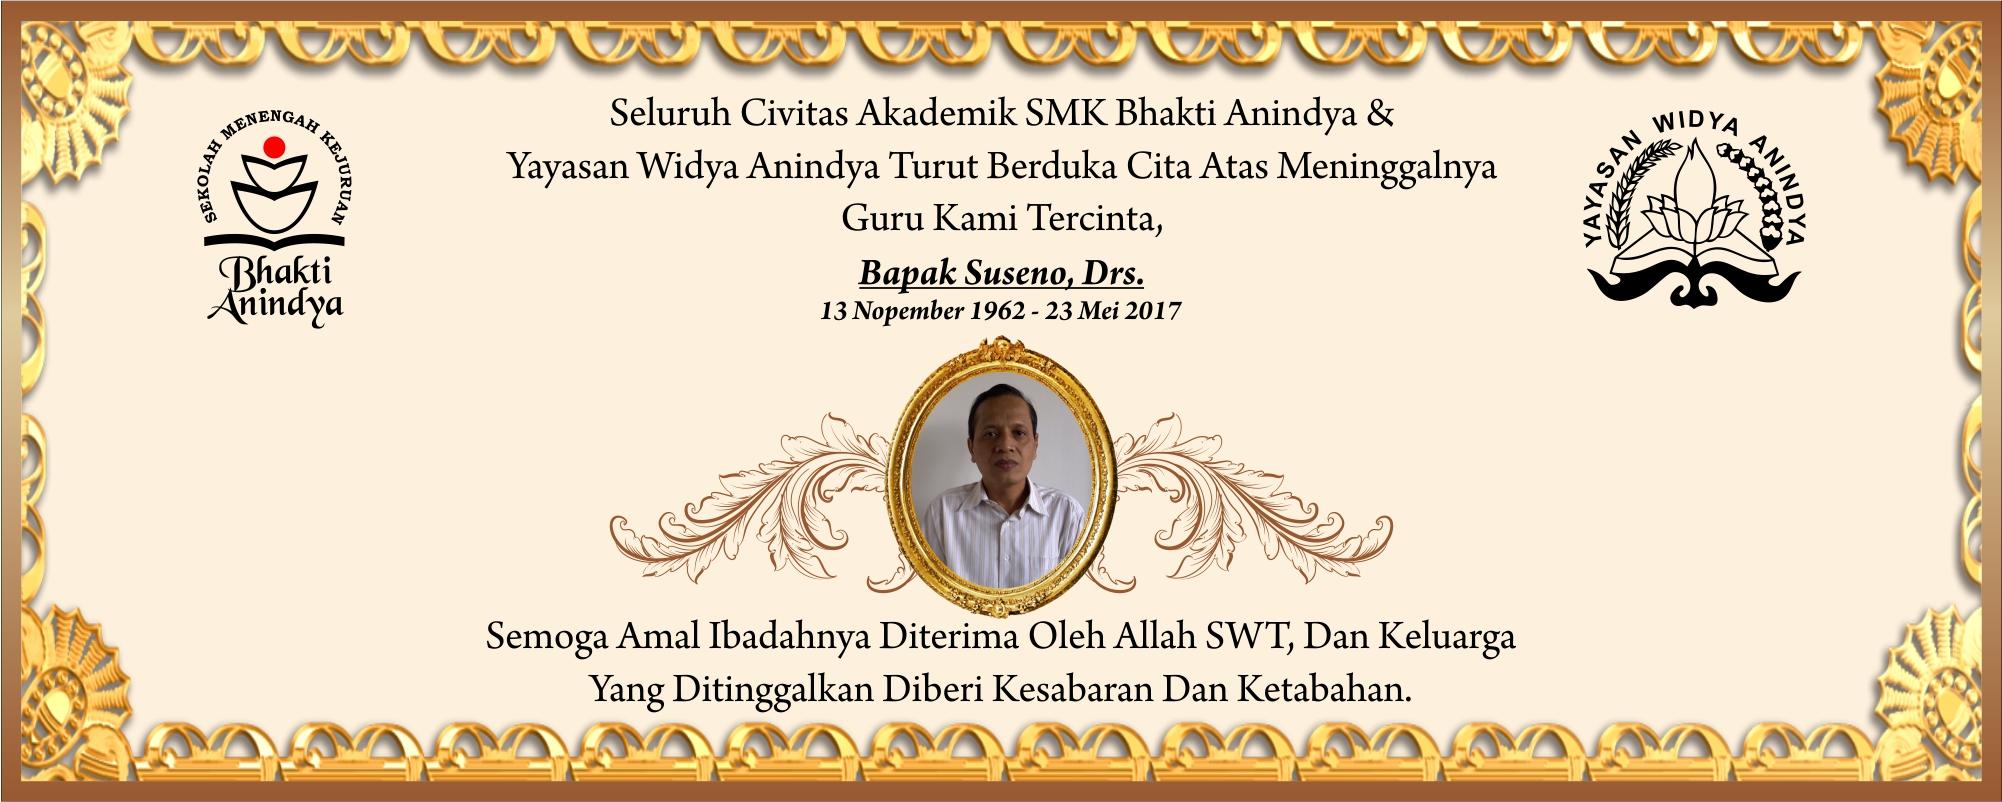 Turut Berduka Cita Atas Meninggalnya Bapak Suseno, Drs. guru SMK Bhakti Anindya Tangerang